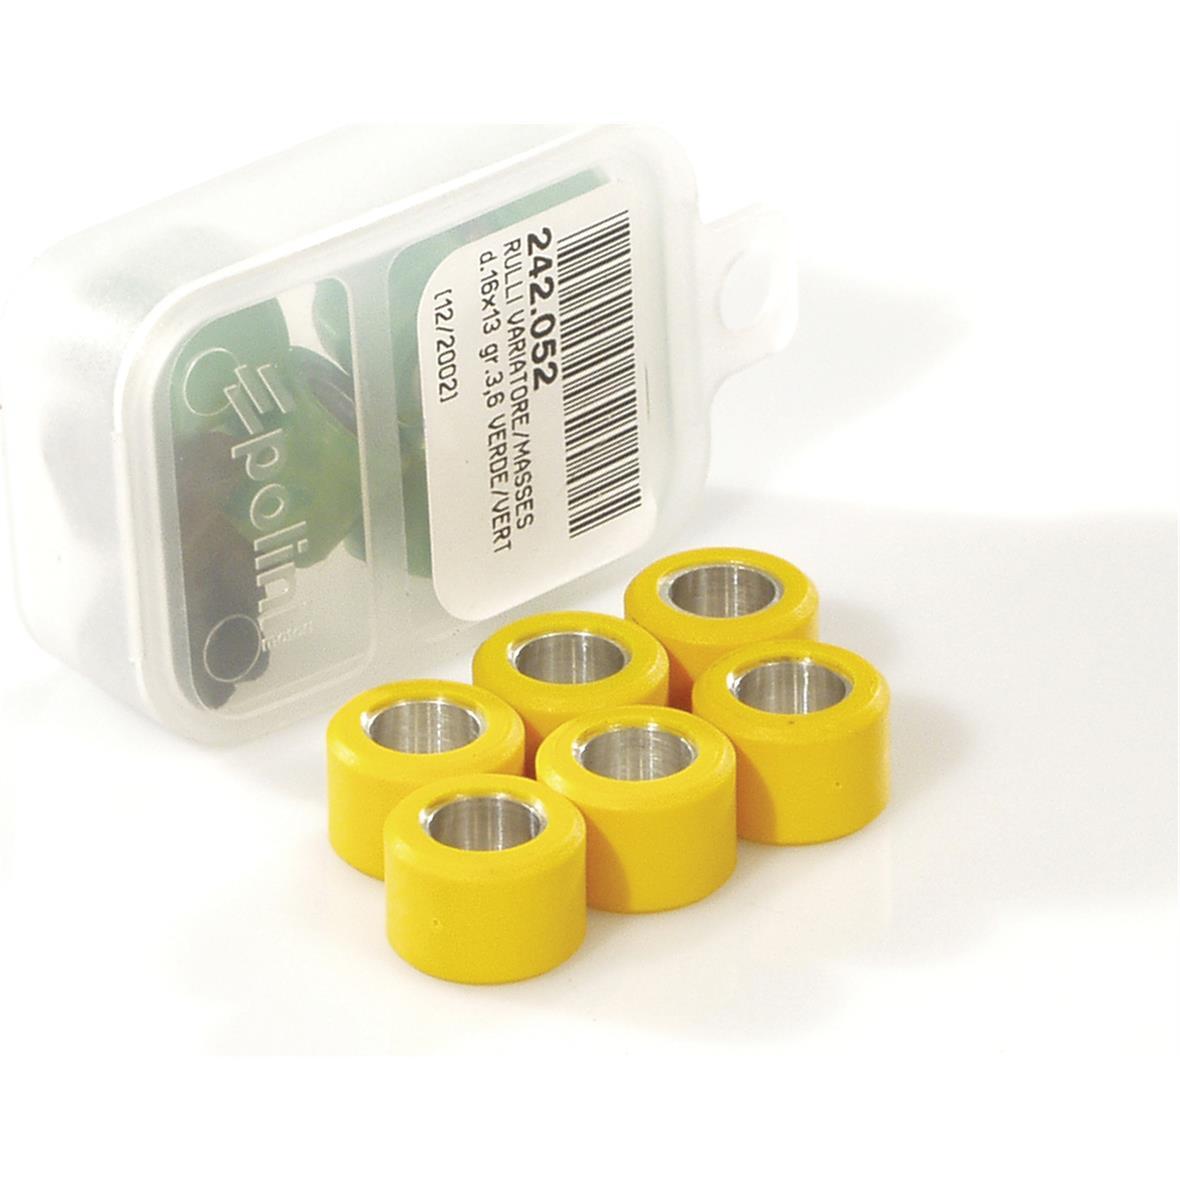 「バリエーター ロール POLINI 17x12 mm 5,9 (グラム)Title」の製品画像